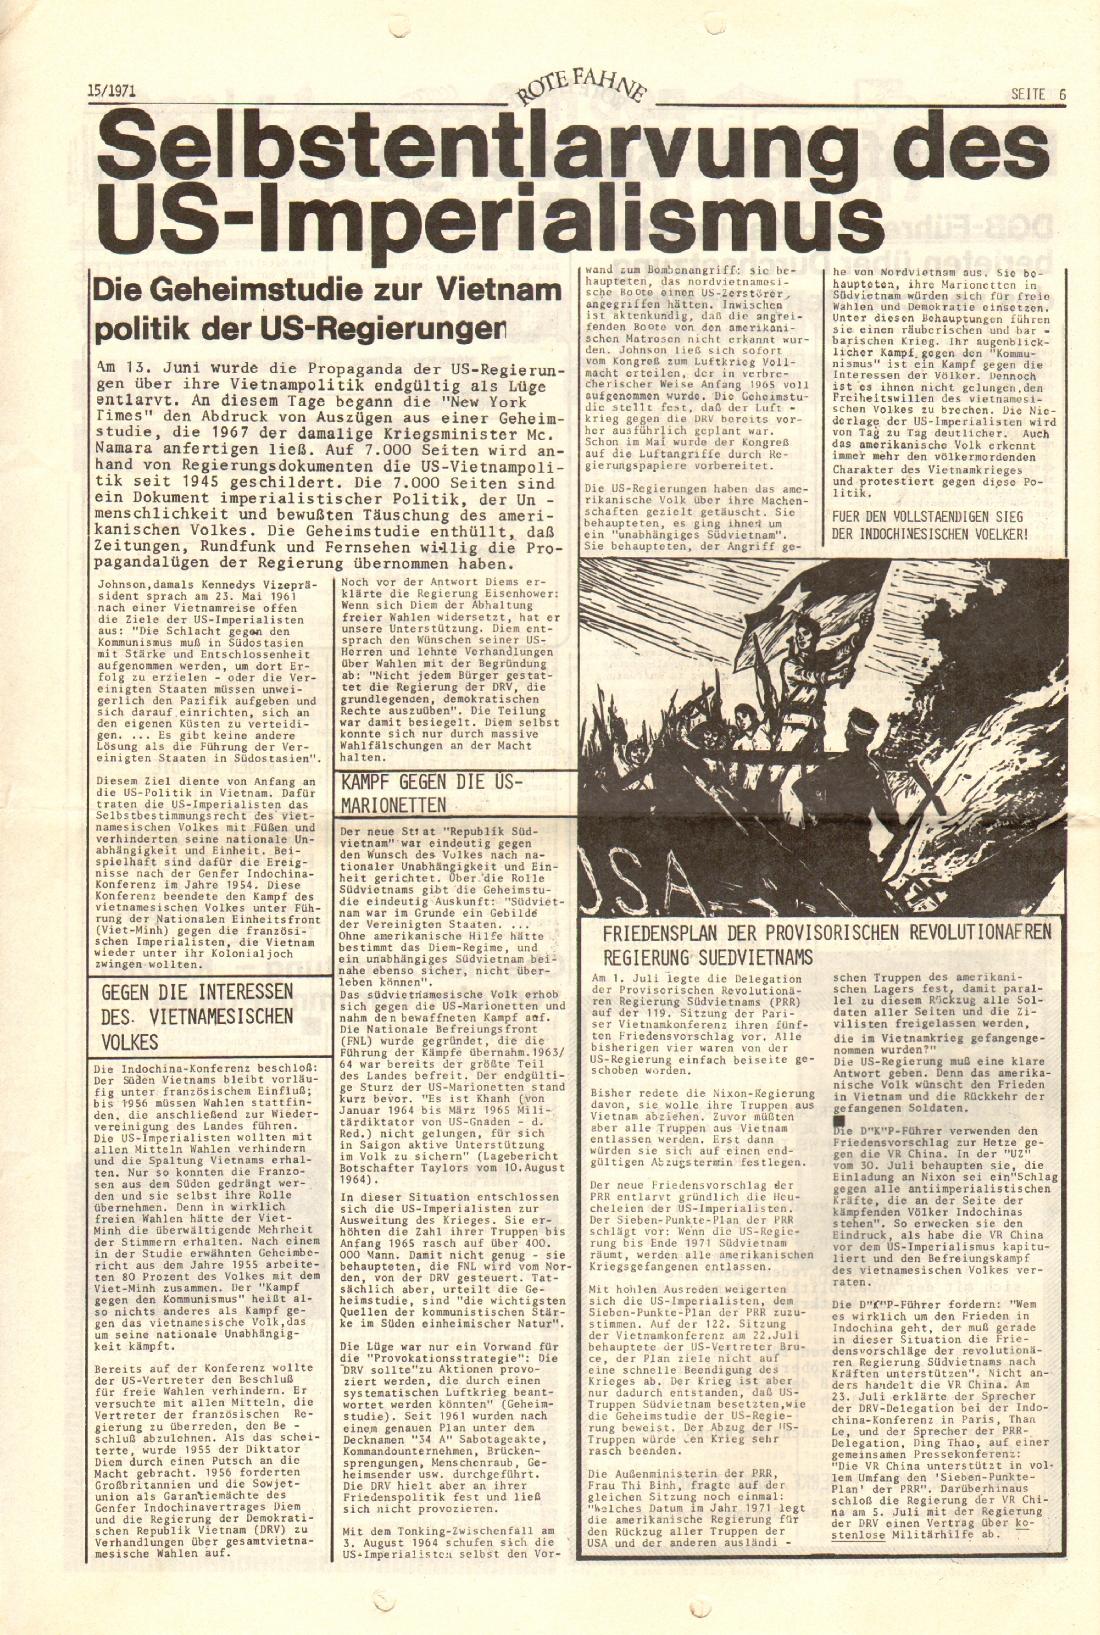 Rote Fahne, 2. Jg., 2.8.1971, Nr. 15, Seite 6